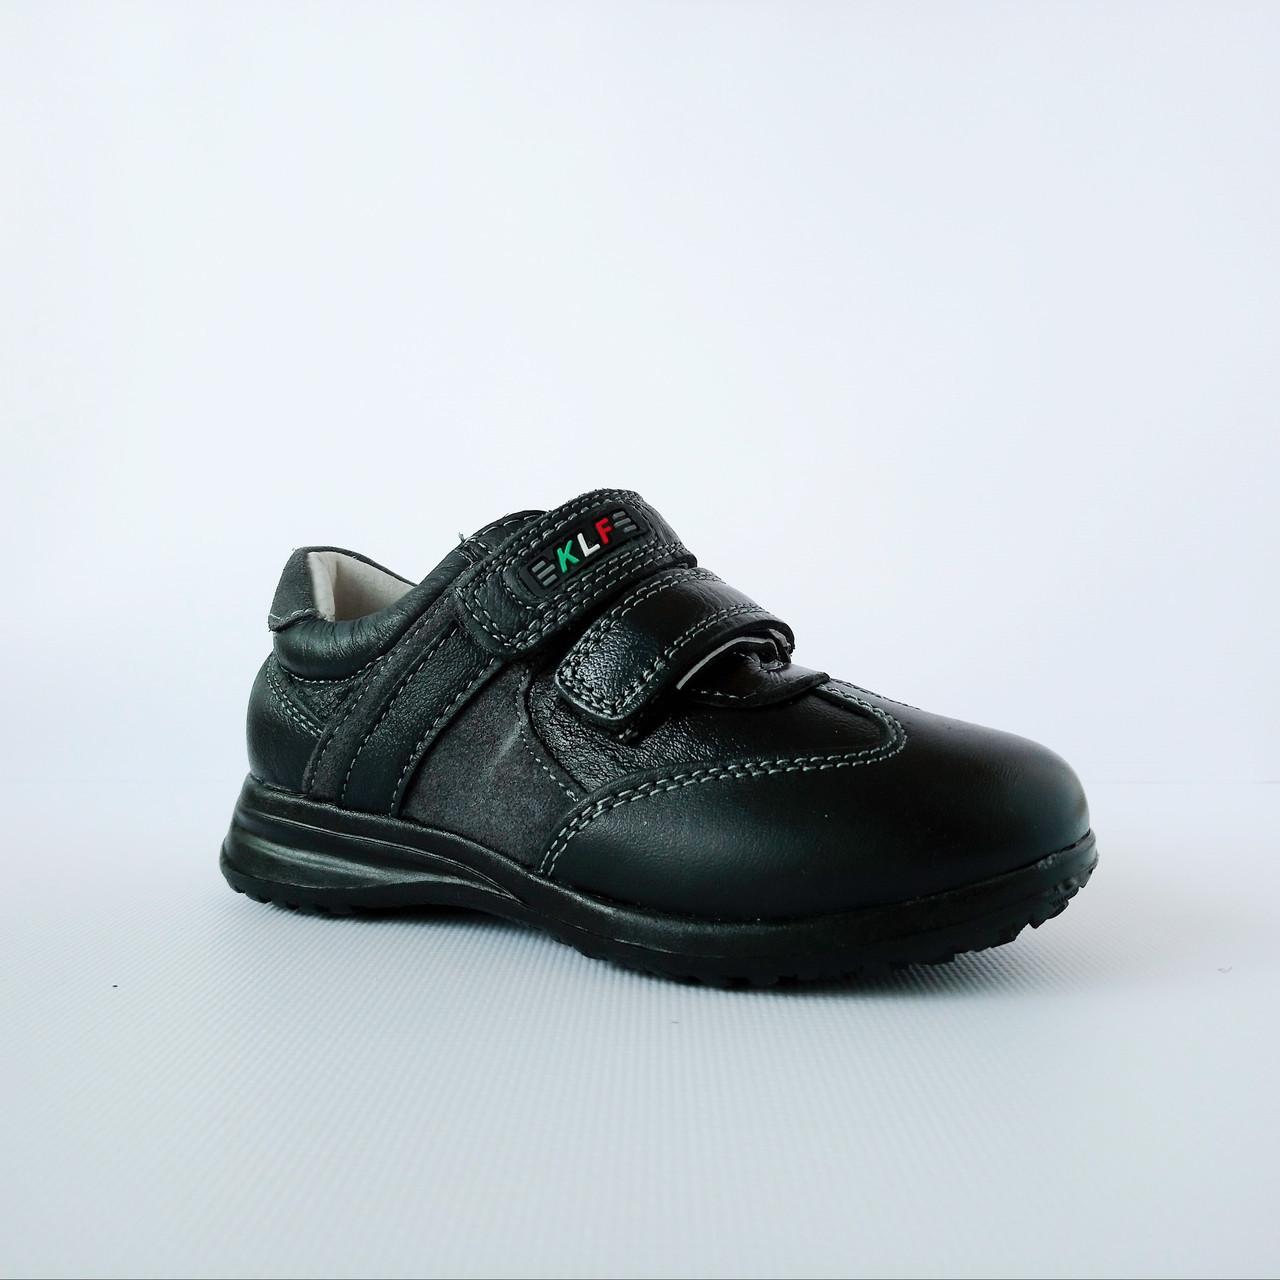 Демісезонні шкіряні кросівки хлопчикам, р 26, 27, 28, чорні туфлі на липучках